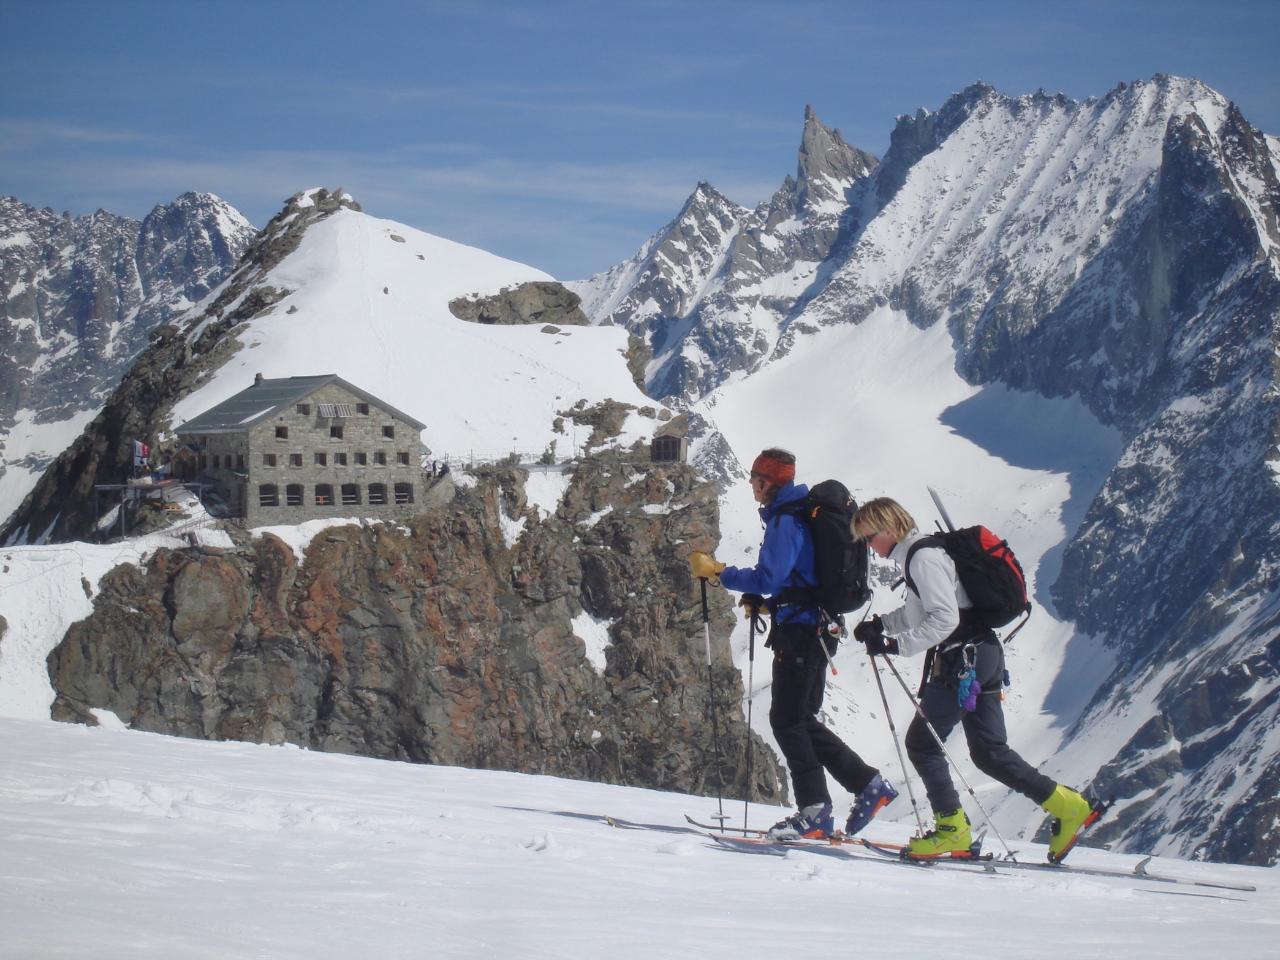 Chamonix to Zermatt - The Haute Route